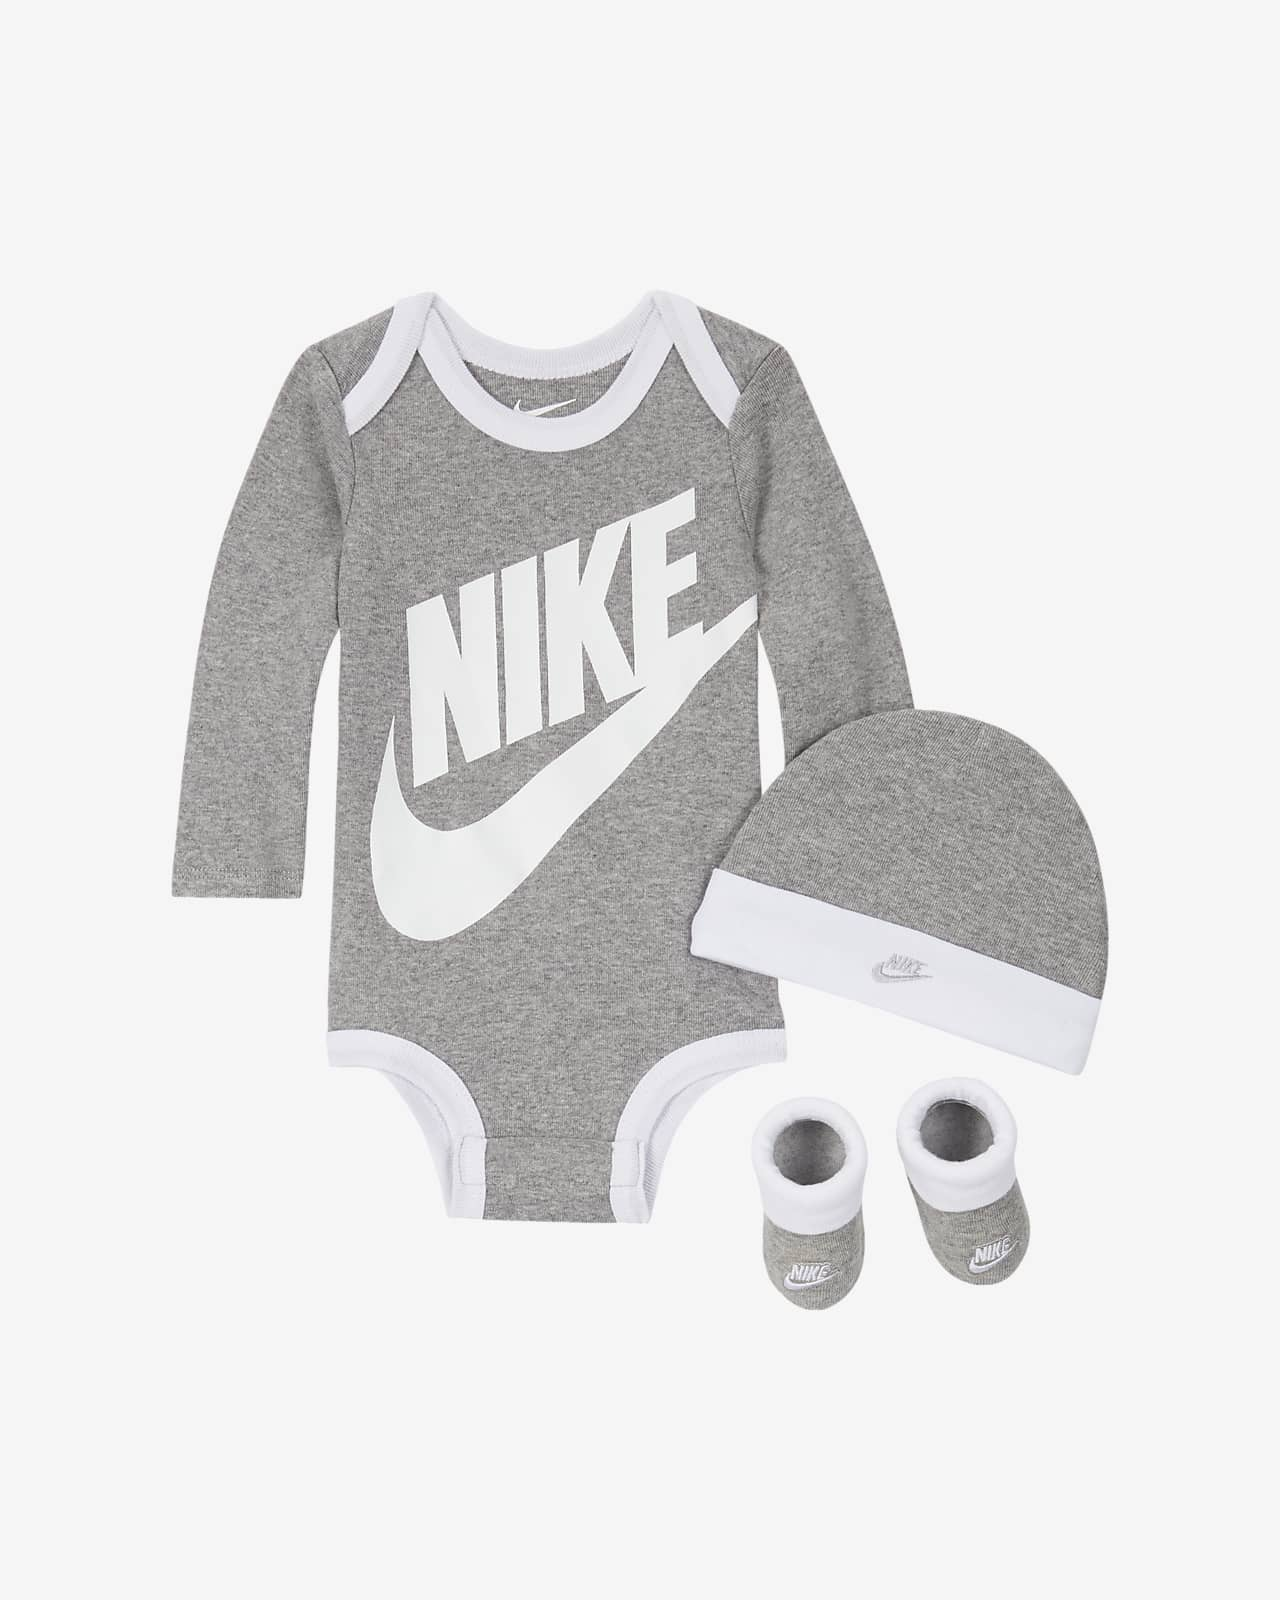 Nike háromrészes szett babáknak (0-6 hónapos)